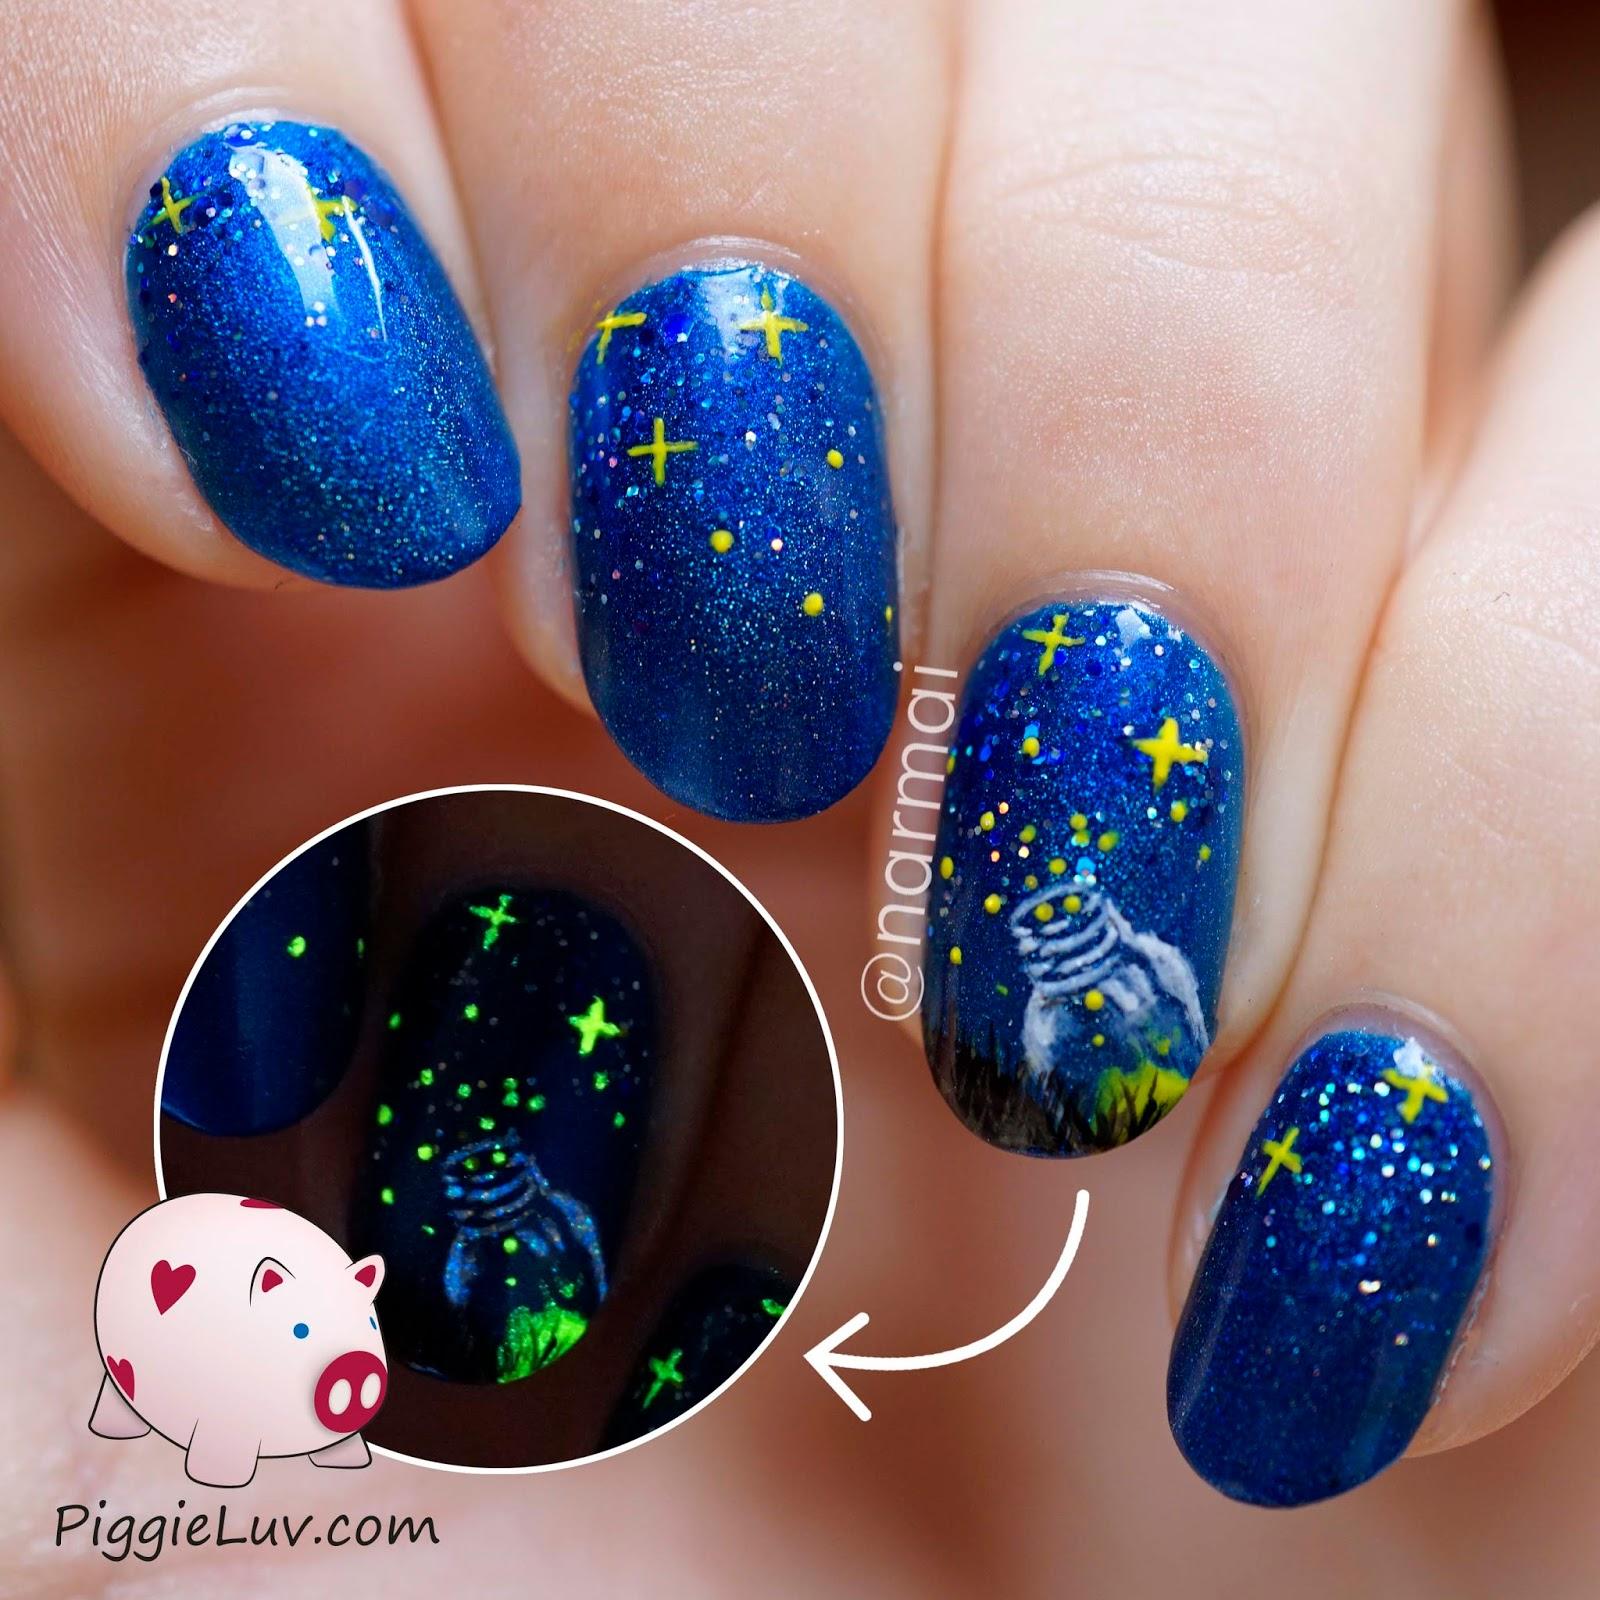 PiggieLuv: Fireflies become stars nail art